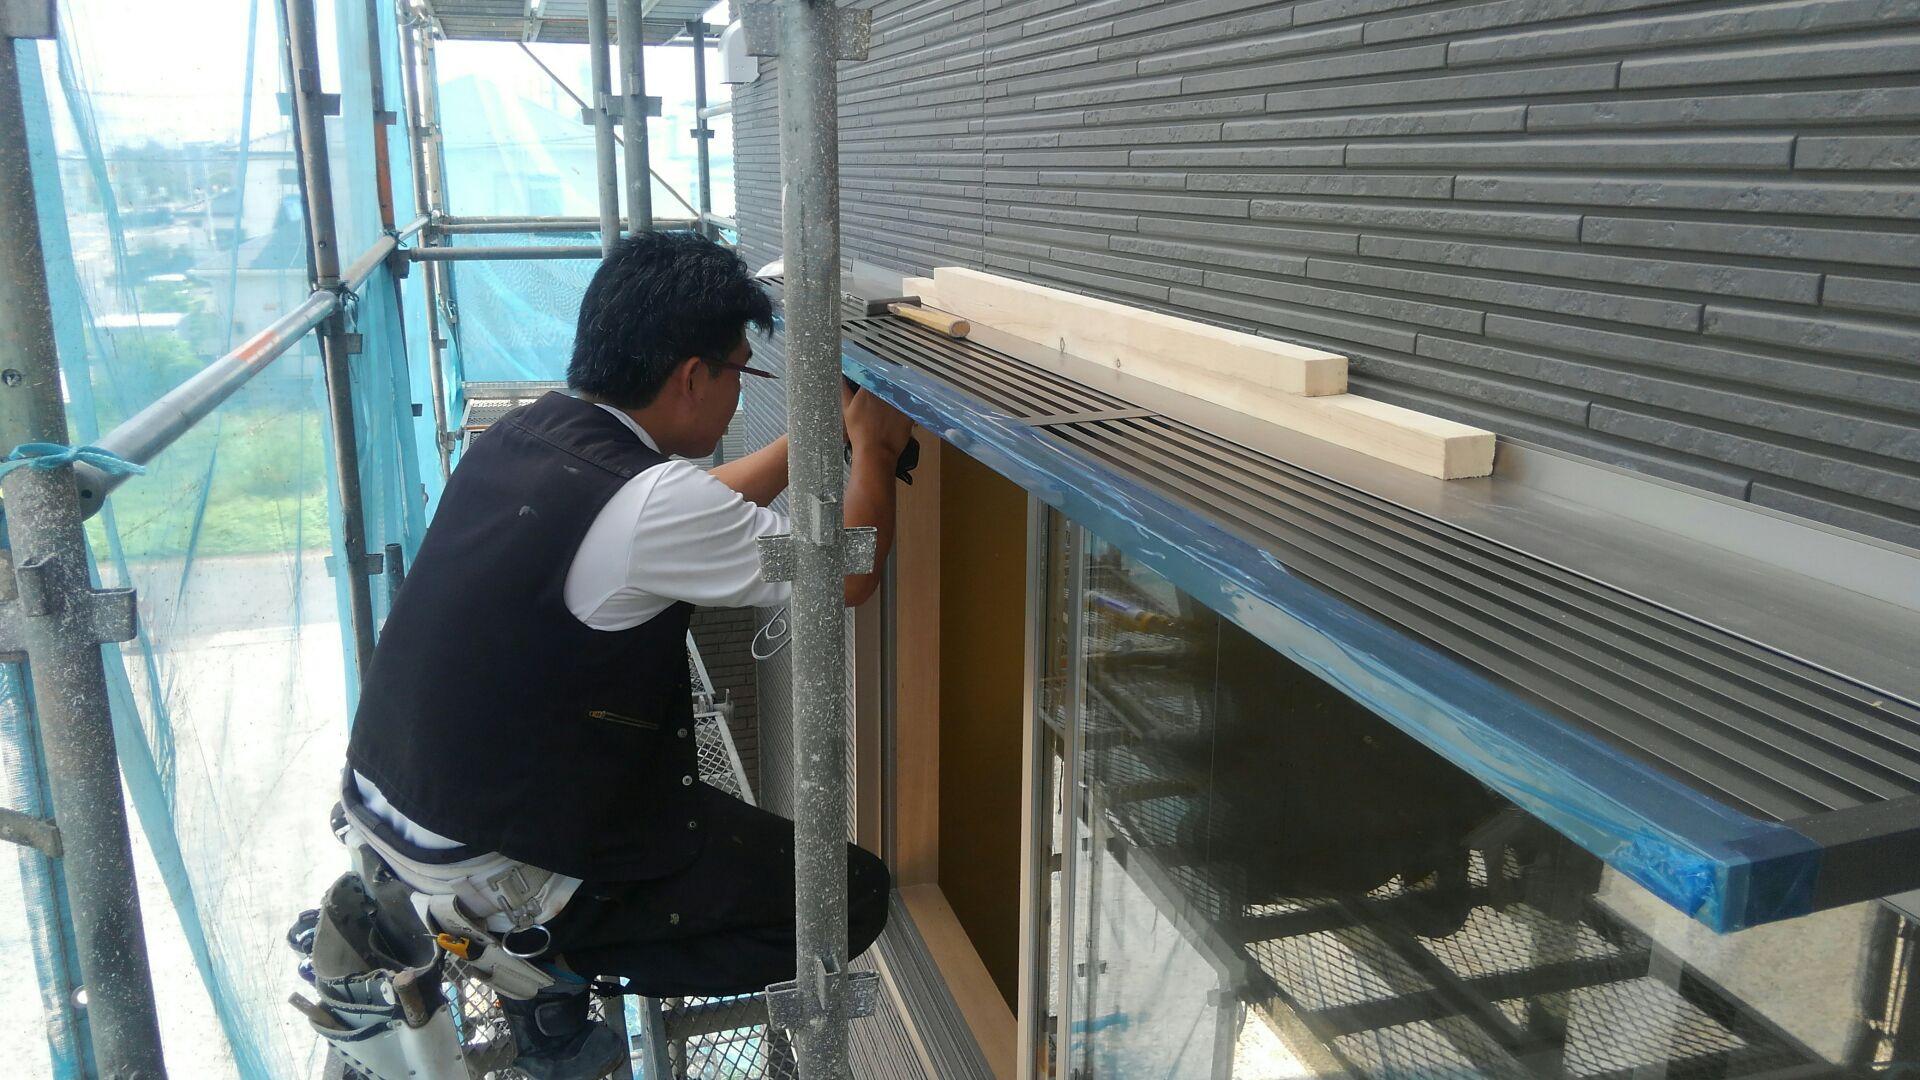 【建物施工】こどものとも様北関東支店 進捗状況をお知らせします。